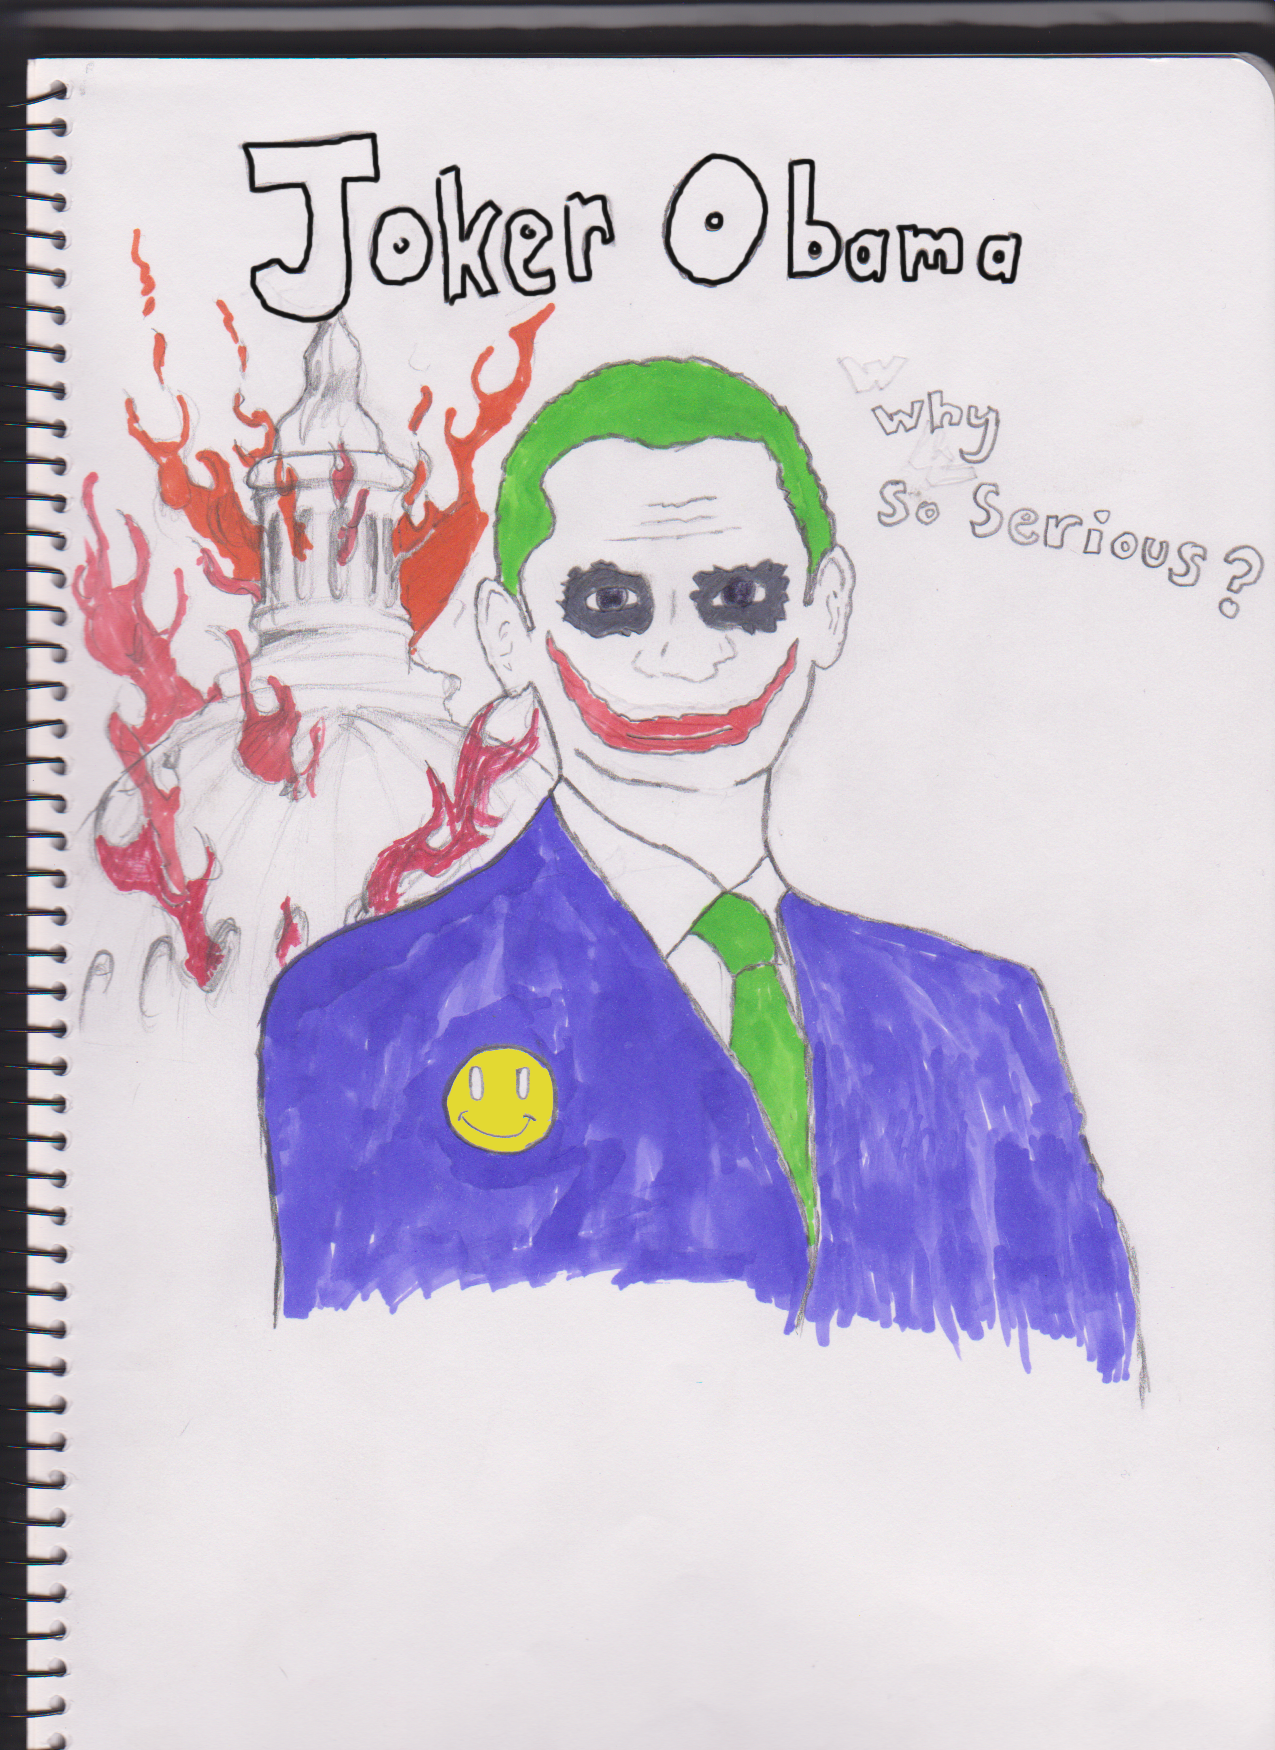 Joker Obama